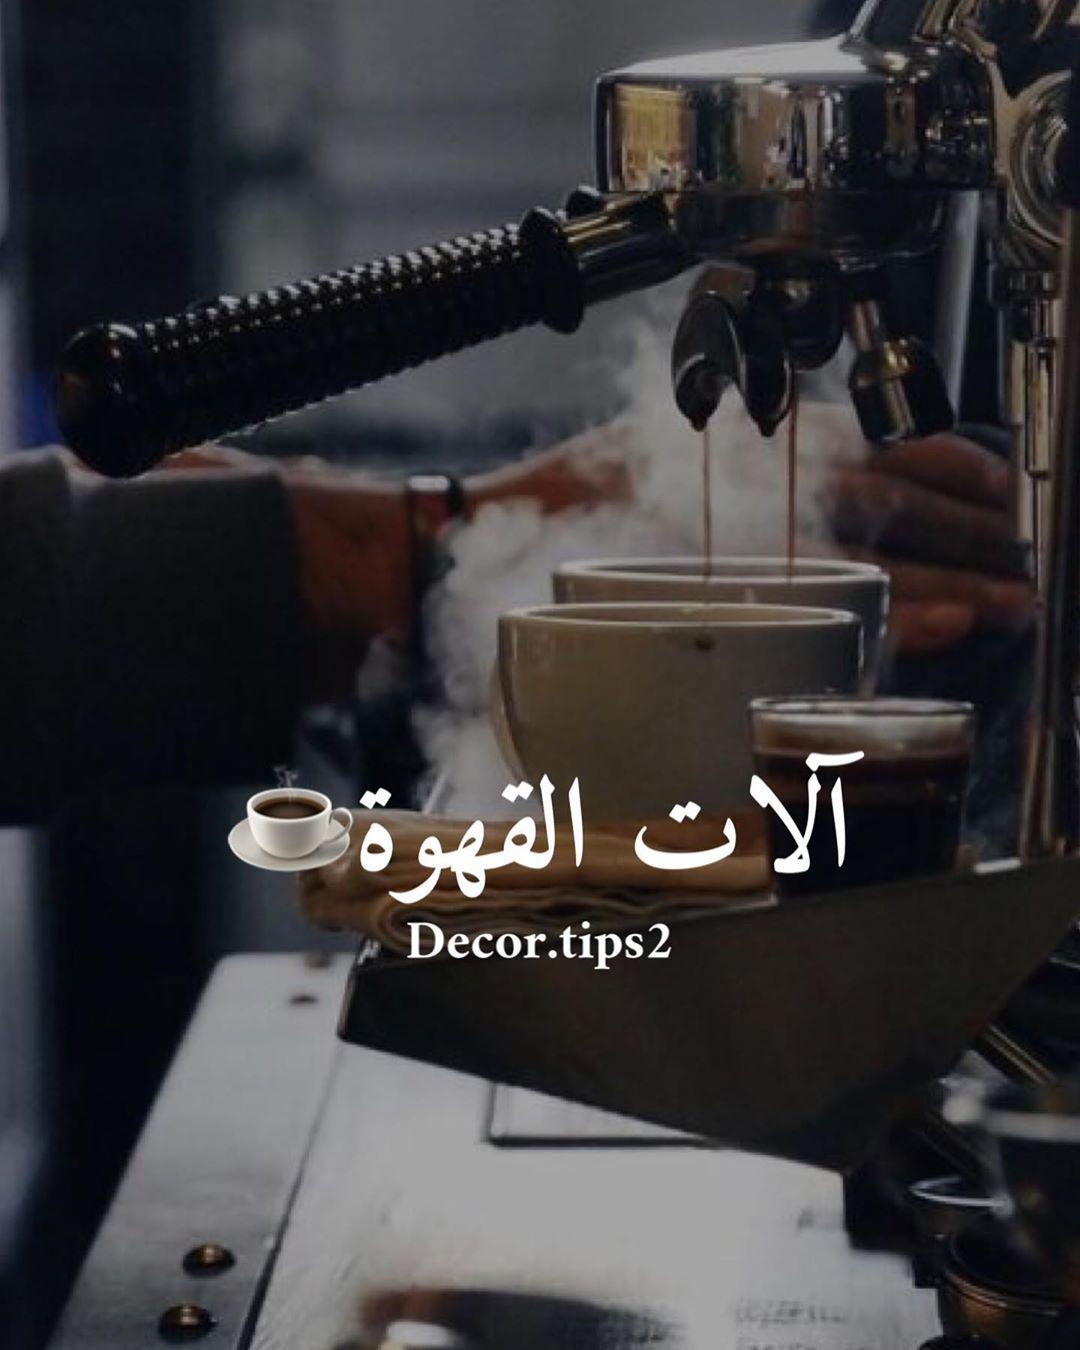 """. سوف نتحدث في هذا الموضوع عن """" آلات القهوة """" كل شخص محب للقهوة يتمنى يكون عن"""